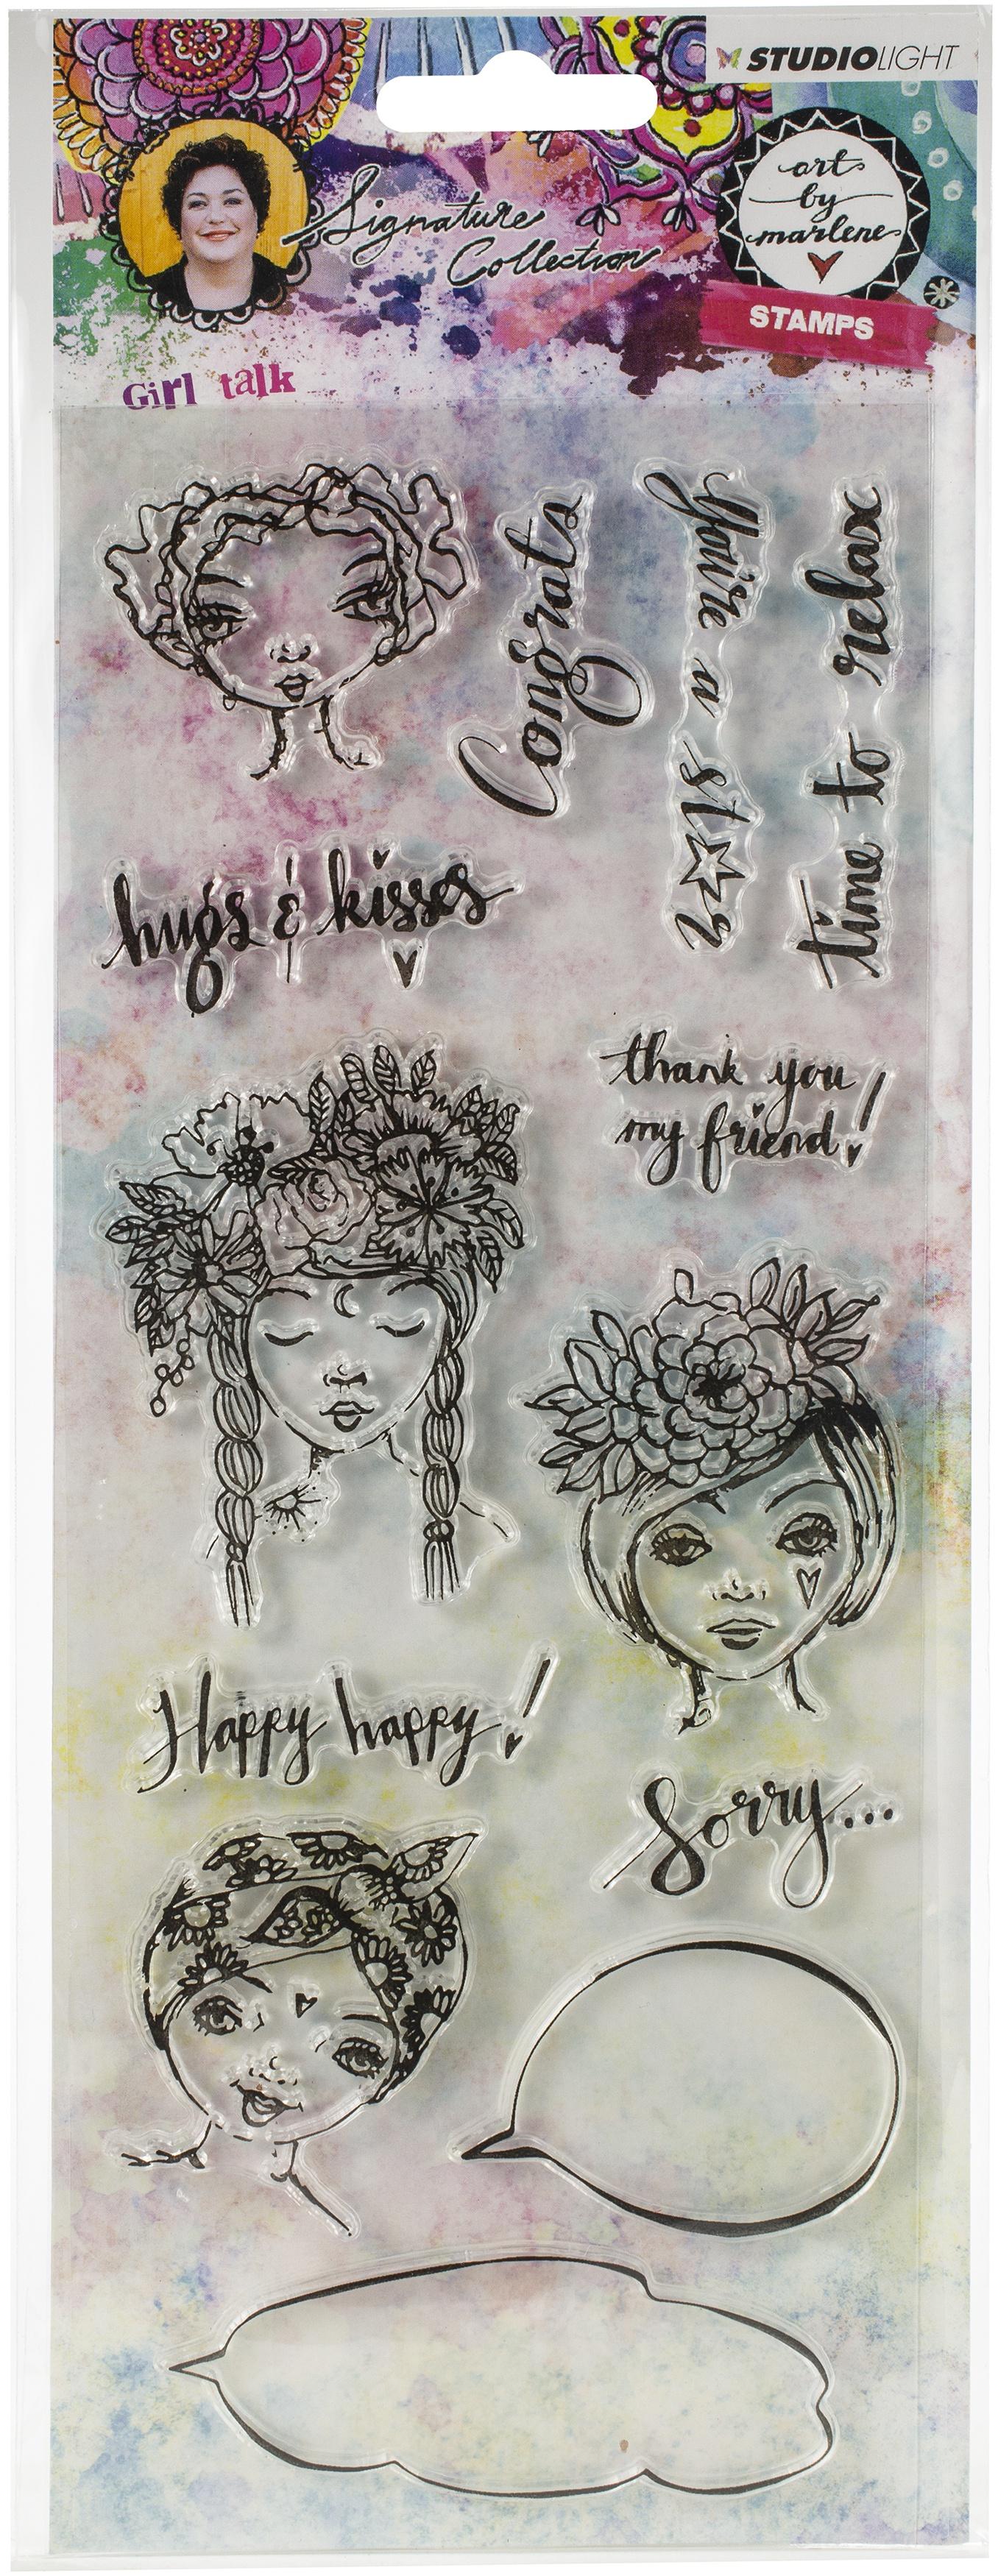 Studio Light Art By Marlene 3.0 Stamps-NR. 33, Girl Talk